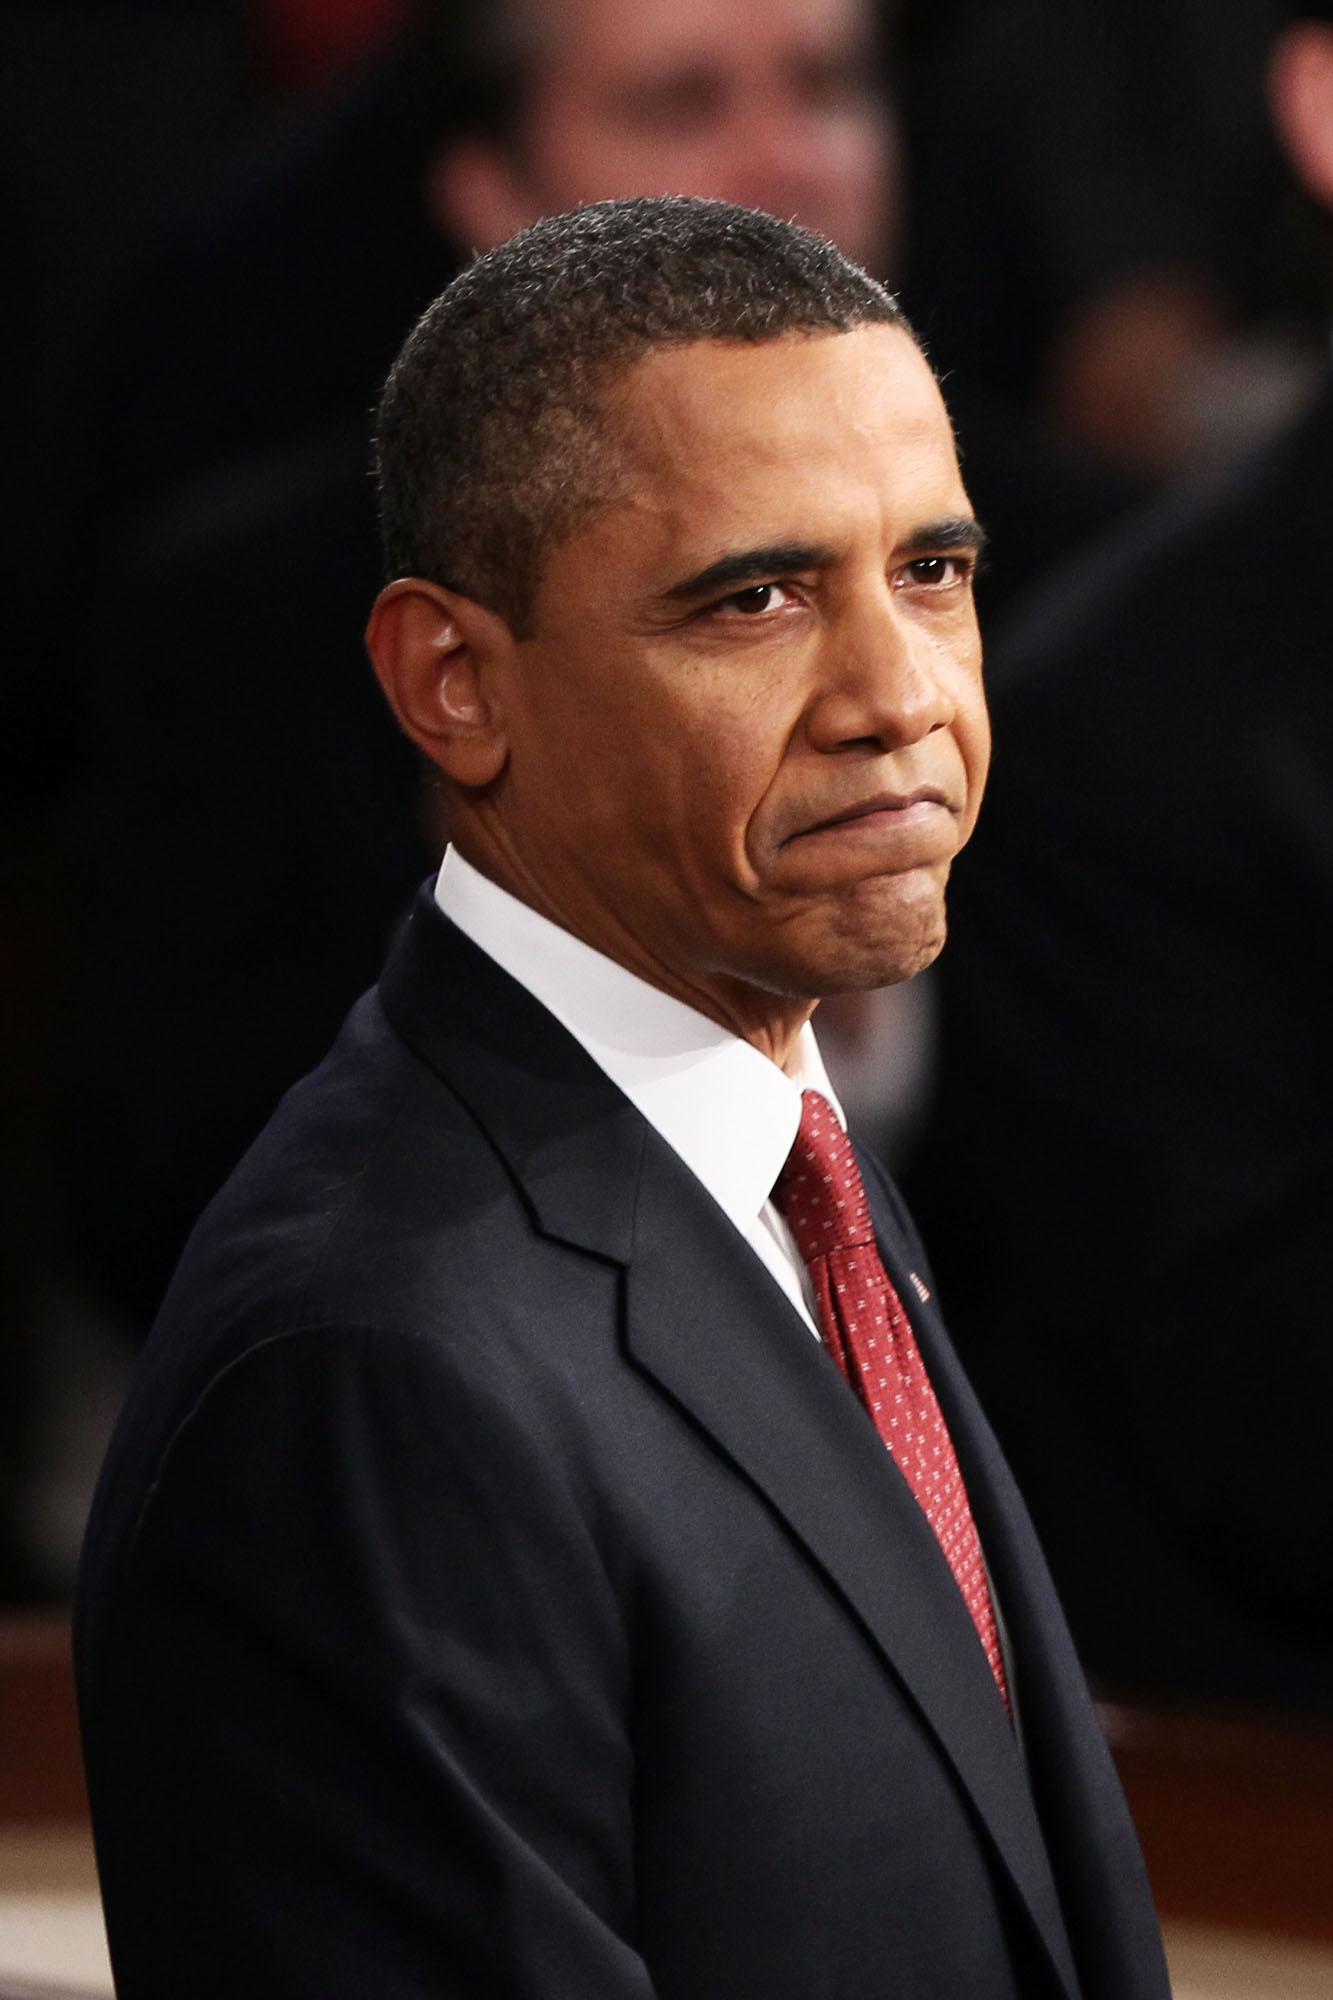 מישל נתנה לו להתמודד לנשיאות רק בתנאי שיפסיק לעשן. ברק אובמה (צילום: gettyimages)